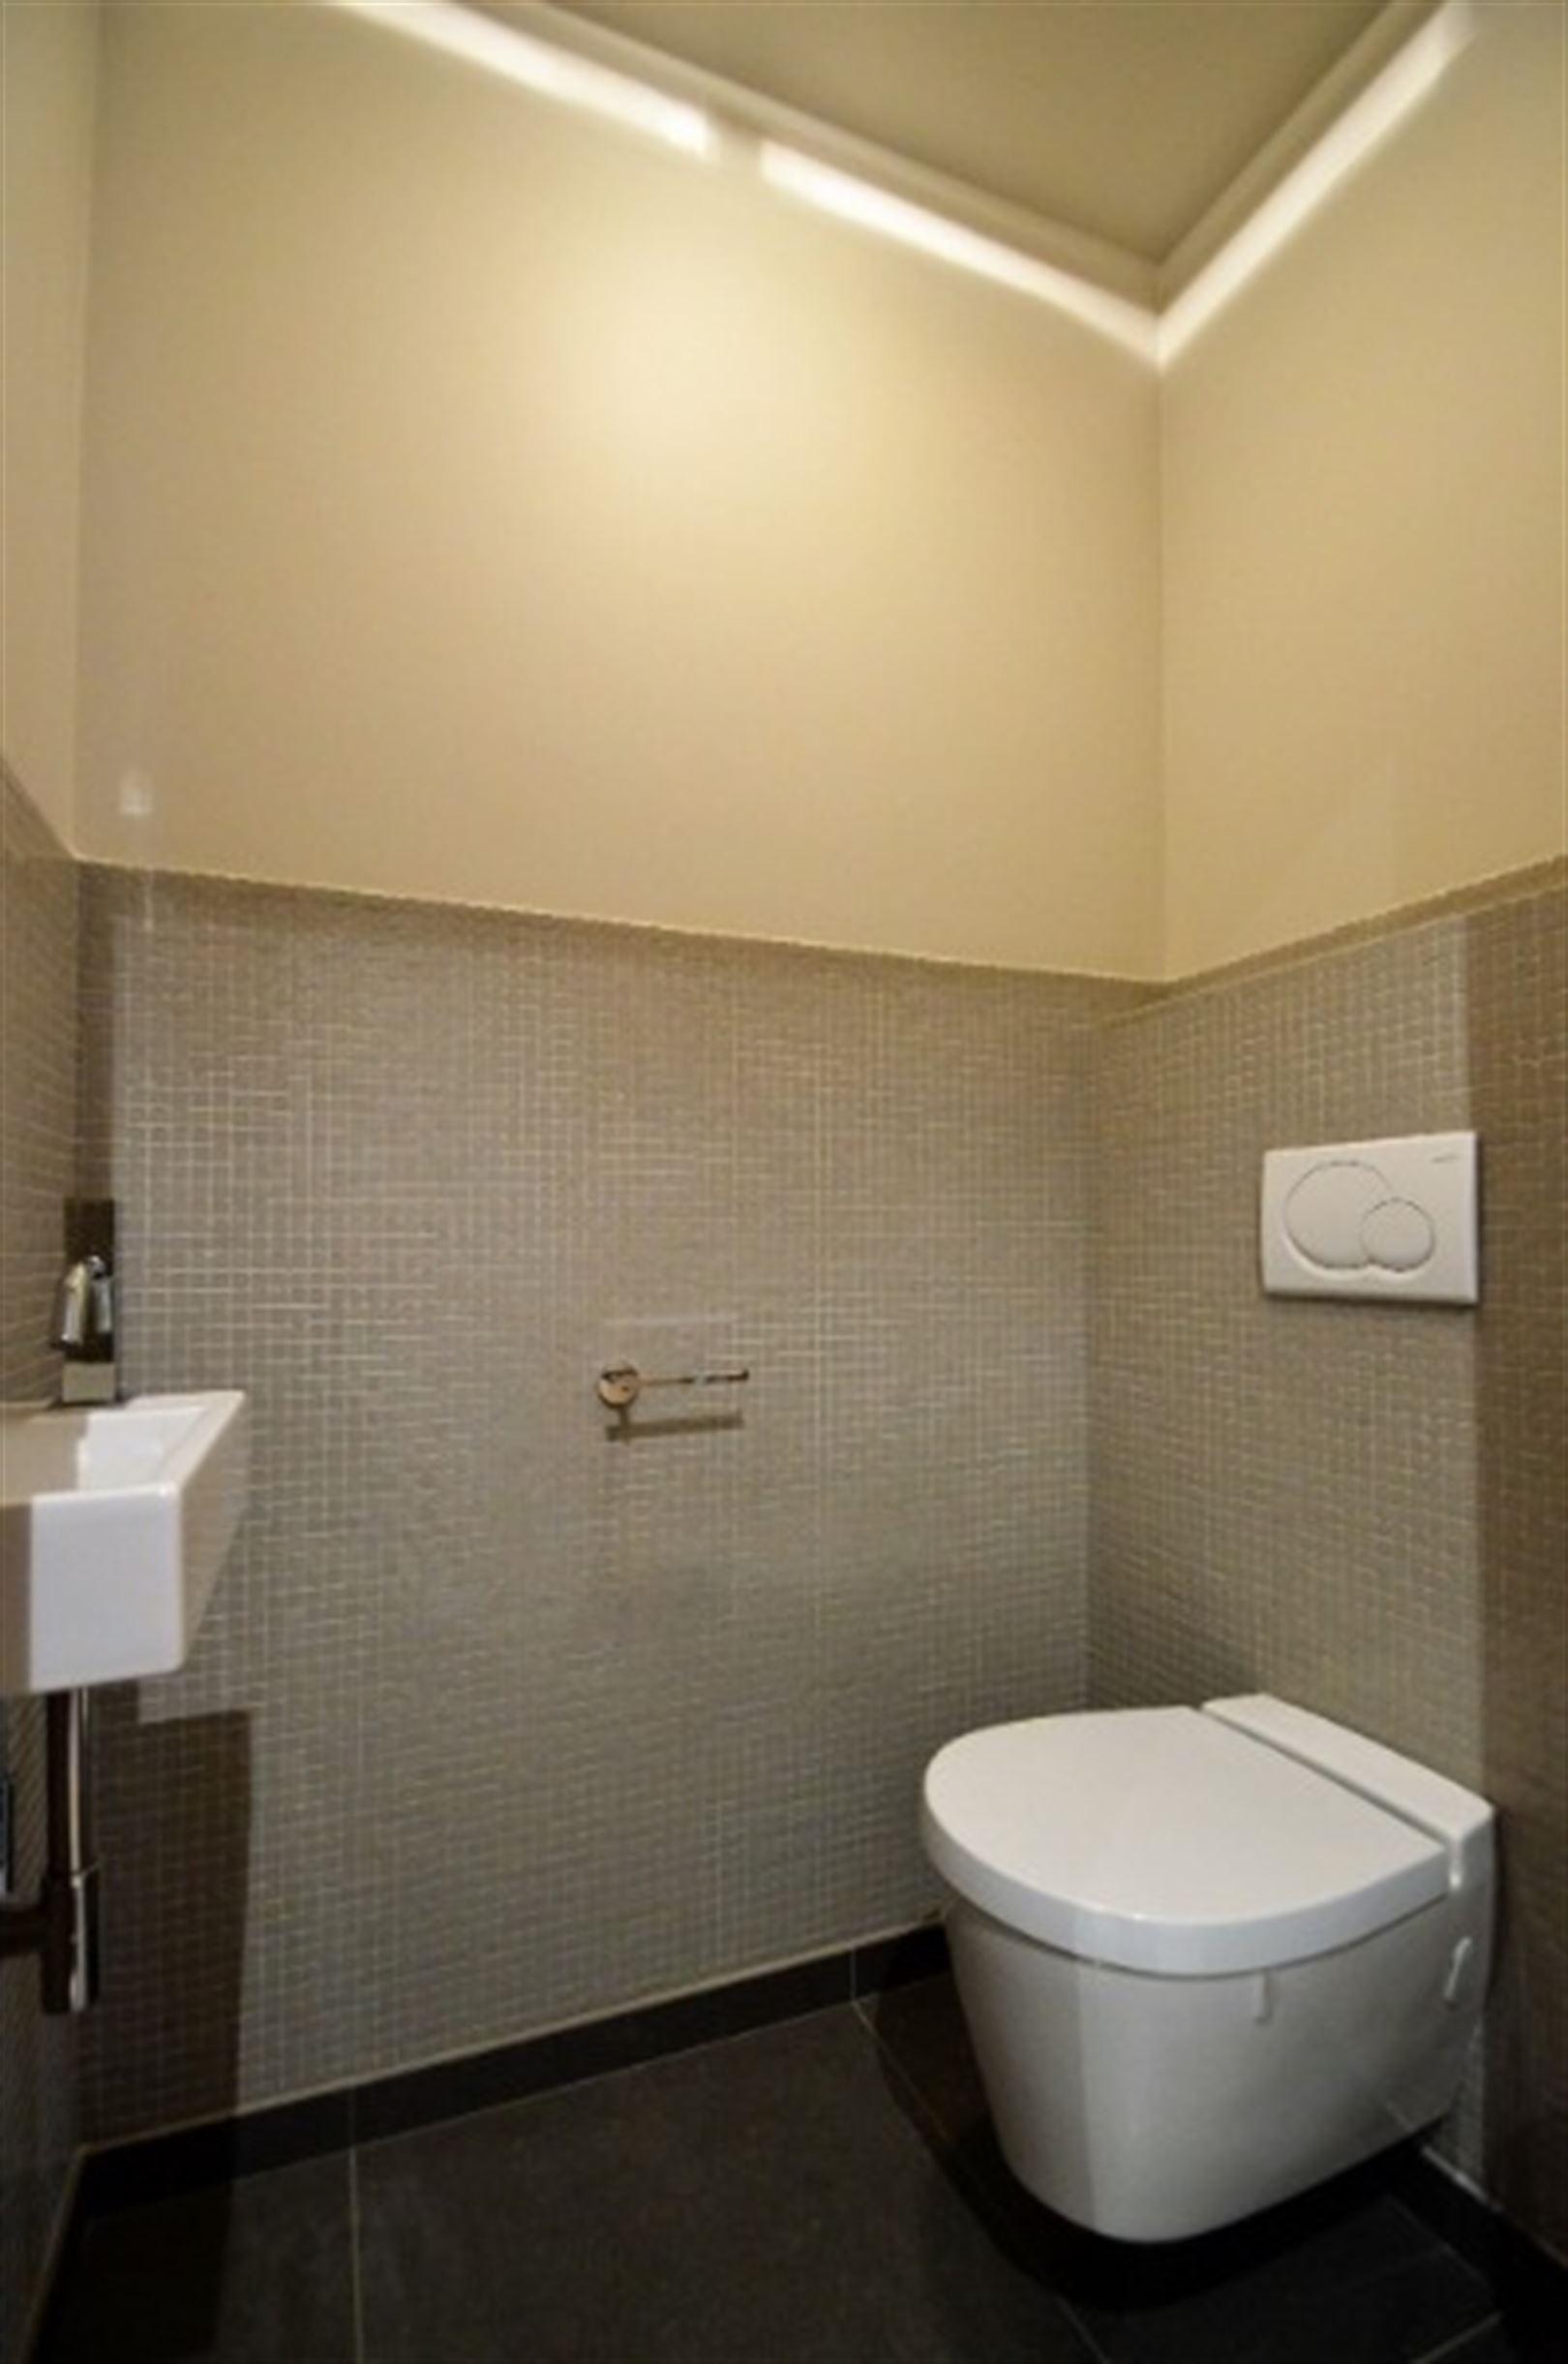 Foto 15 : Appartement te 9240 Zele (België) - Prijs € 725